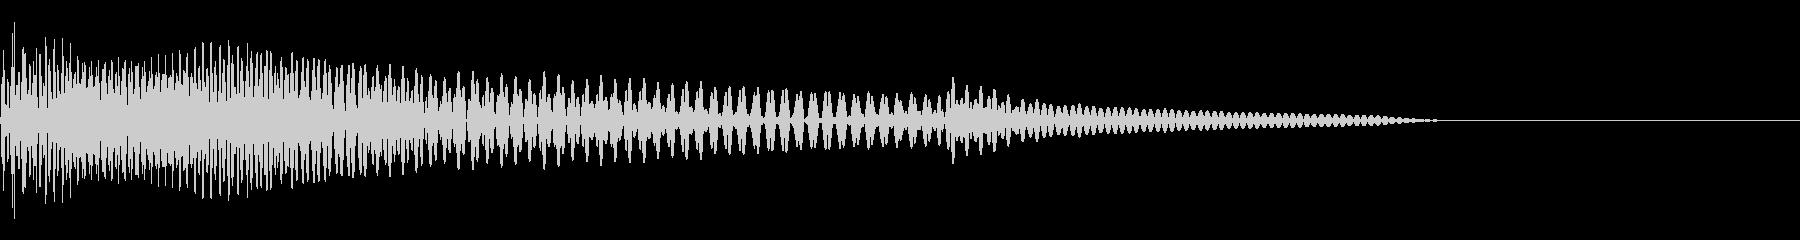 ベース/ドゥーン/ネックスライド/A05の未再生の波形